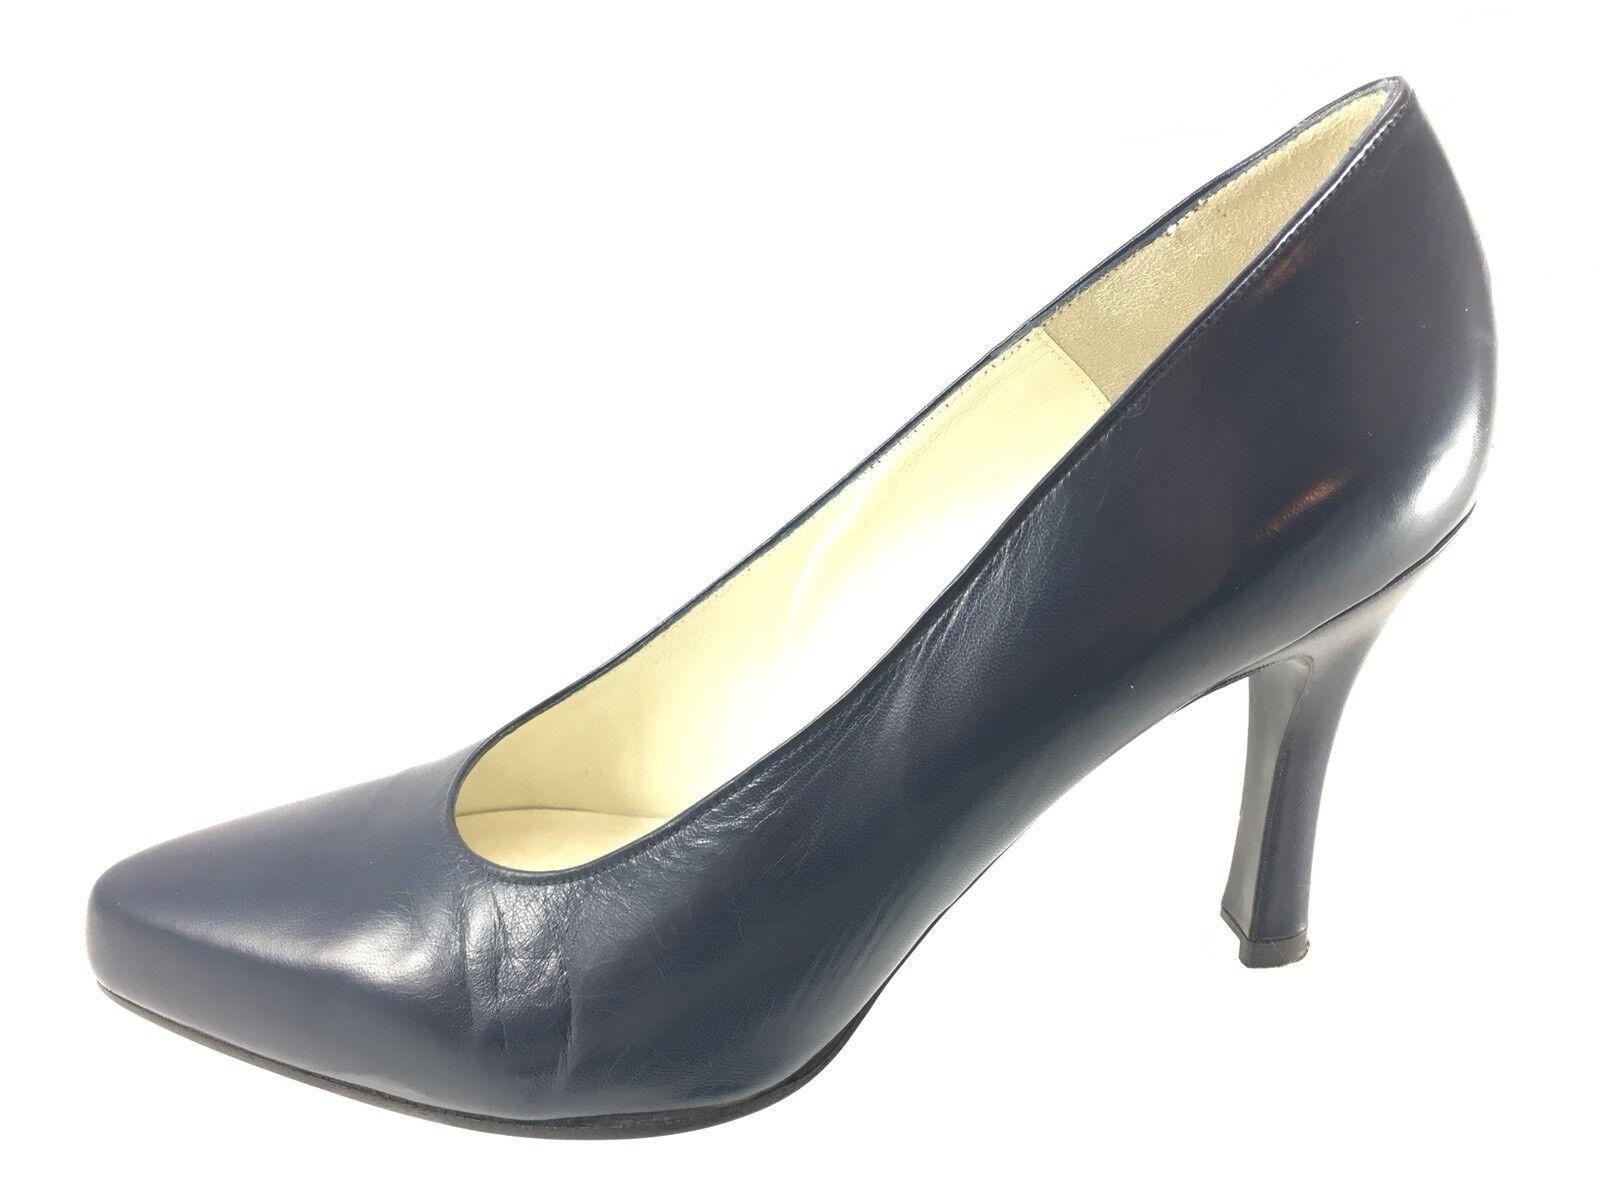 SH28 Charles Jourdan Paris 8.5M Dark bluee Leather Pumps High Heels